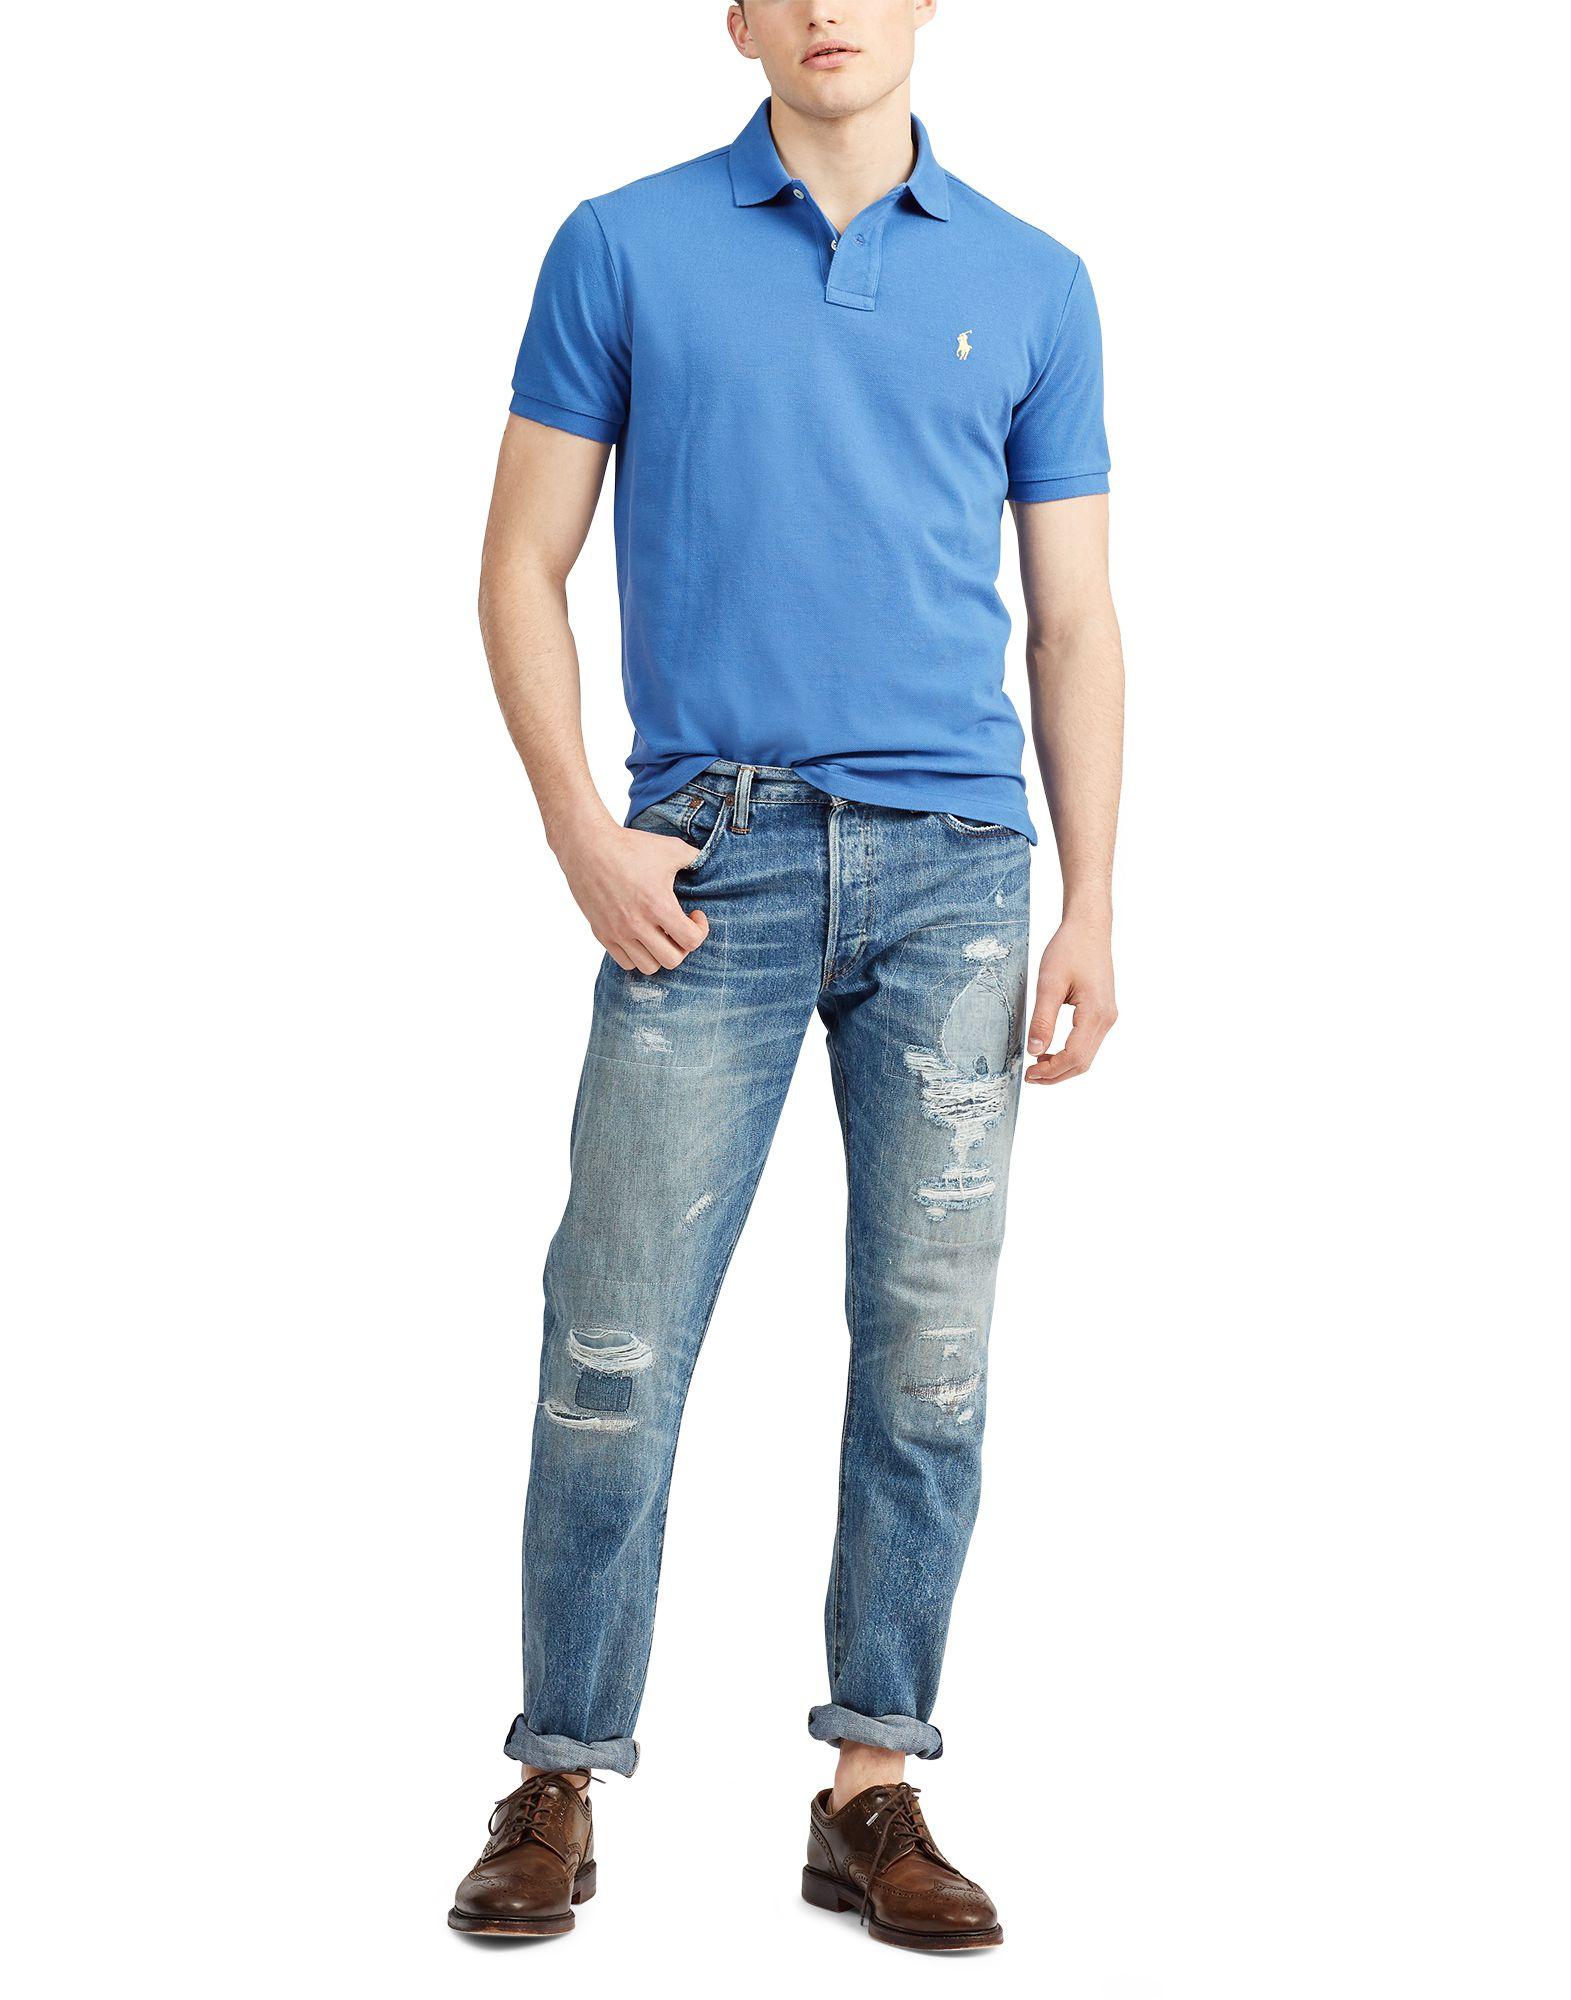 青色ポロシャツデニムの男性の画像